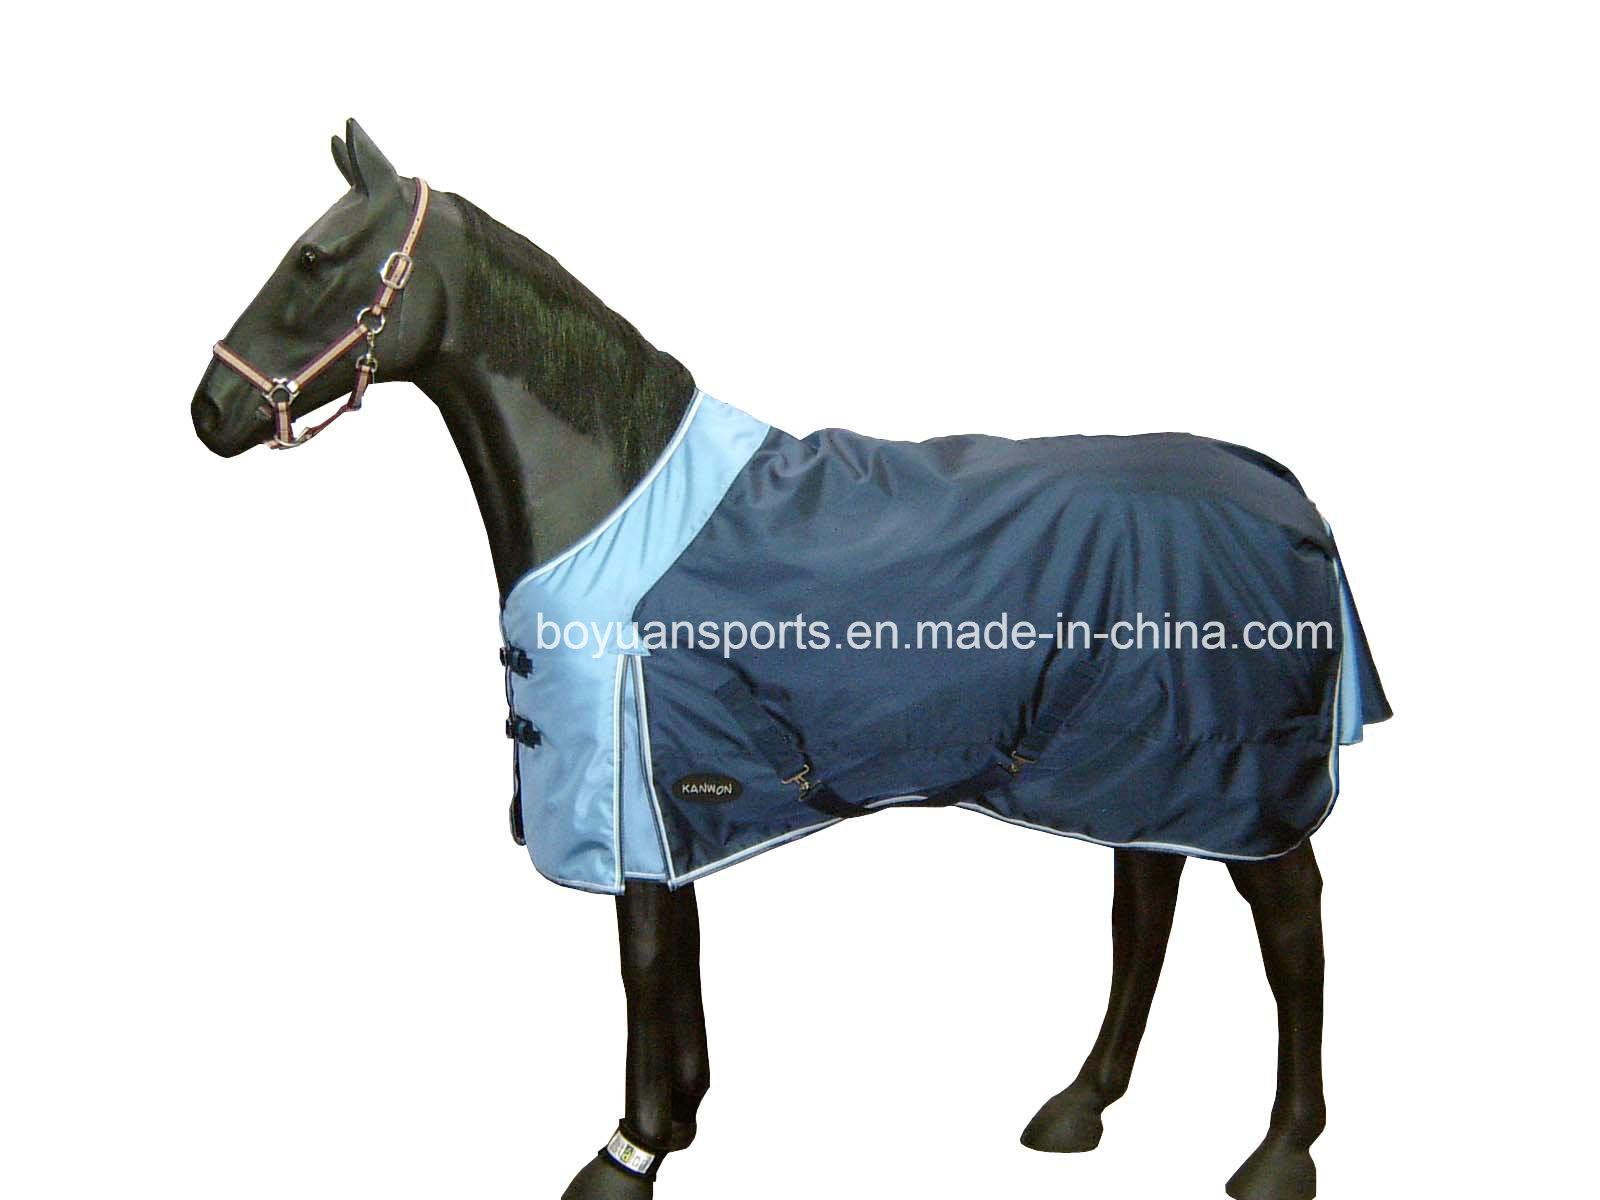 600d/1200d/1680d Polyester Waterproof